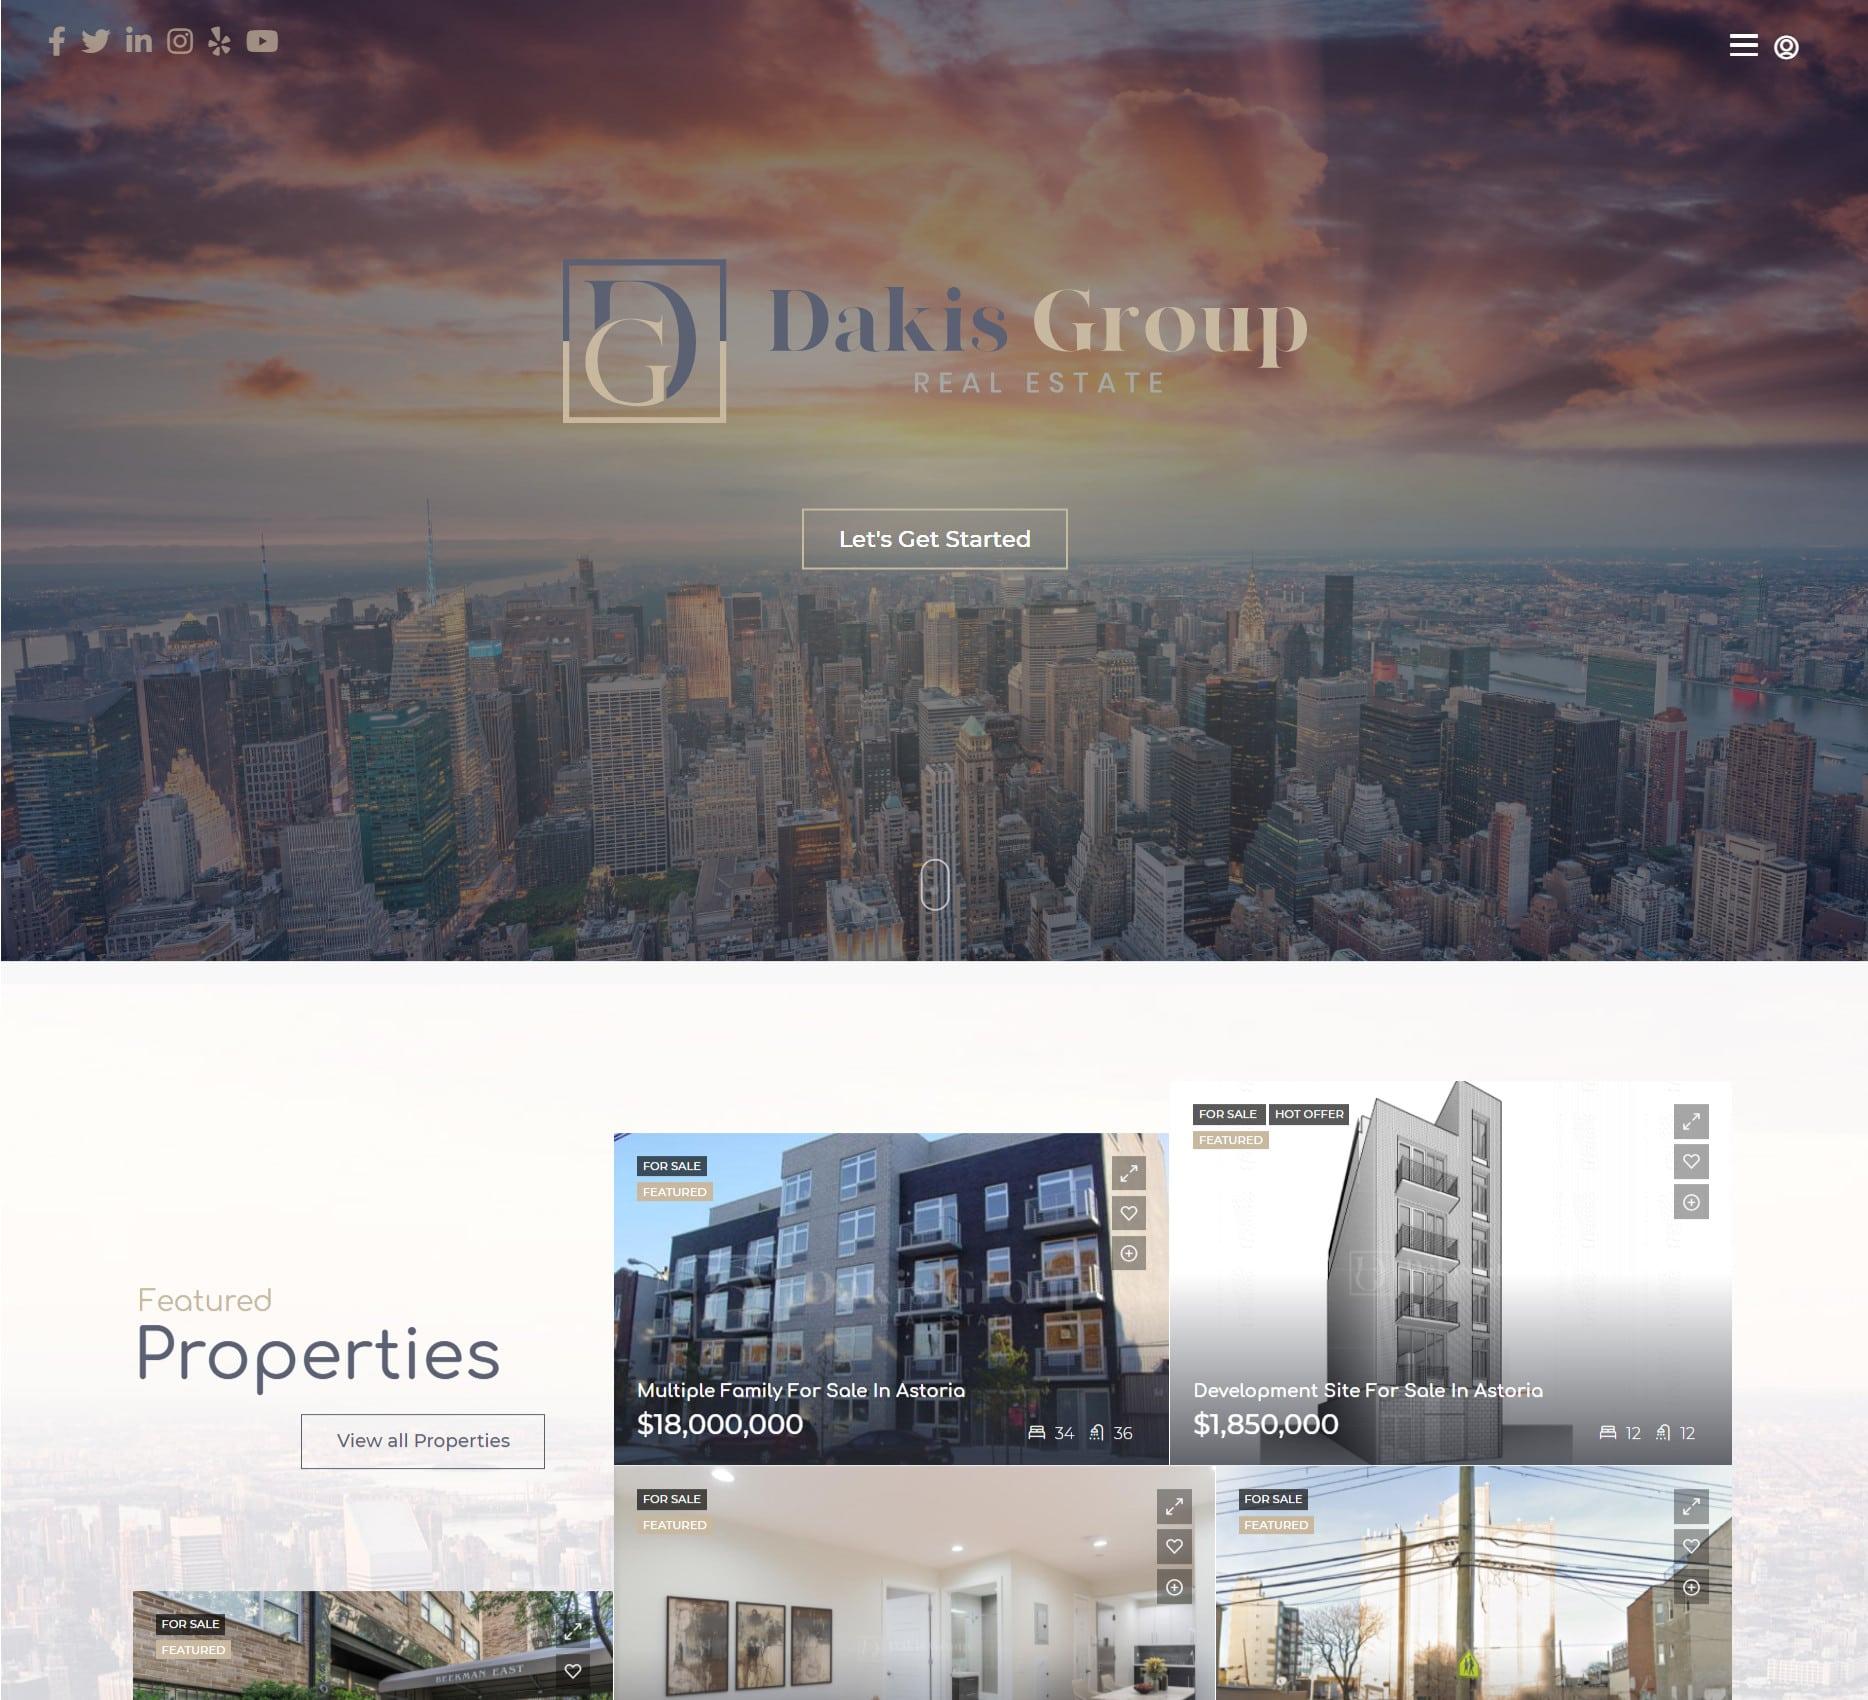 Dakis Group - Real Estate - Portfolio